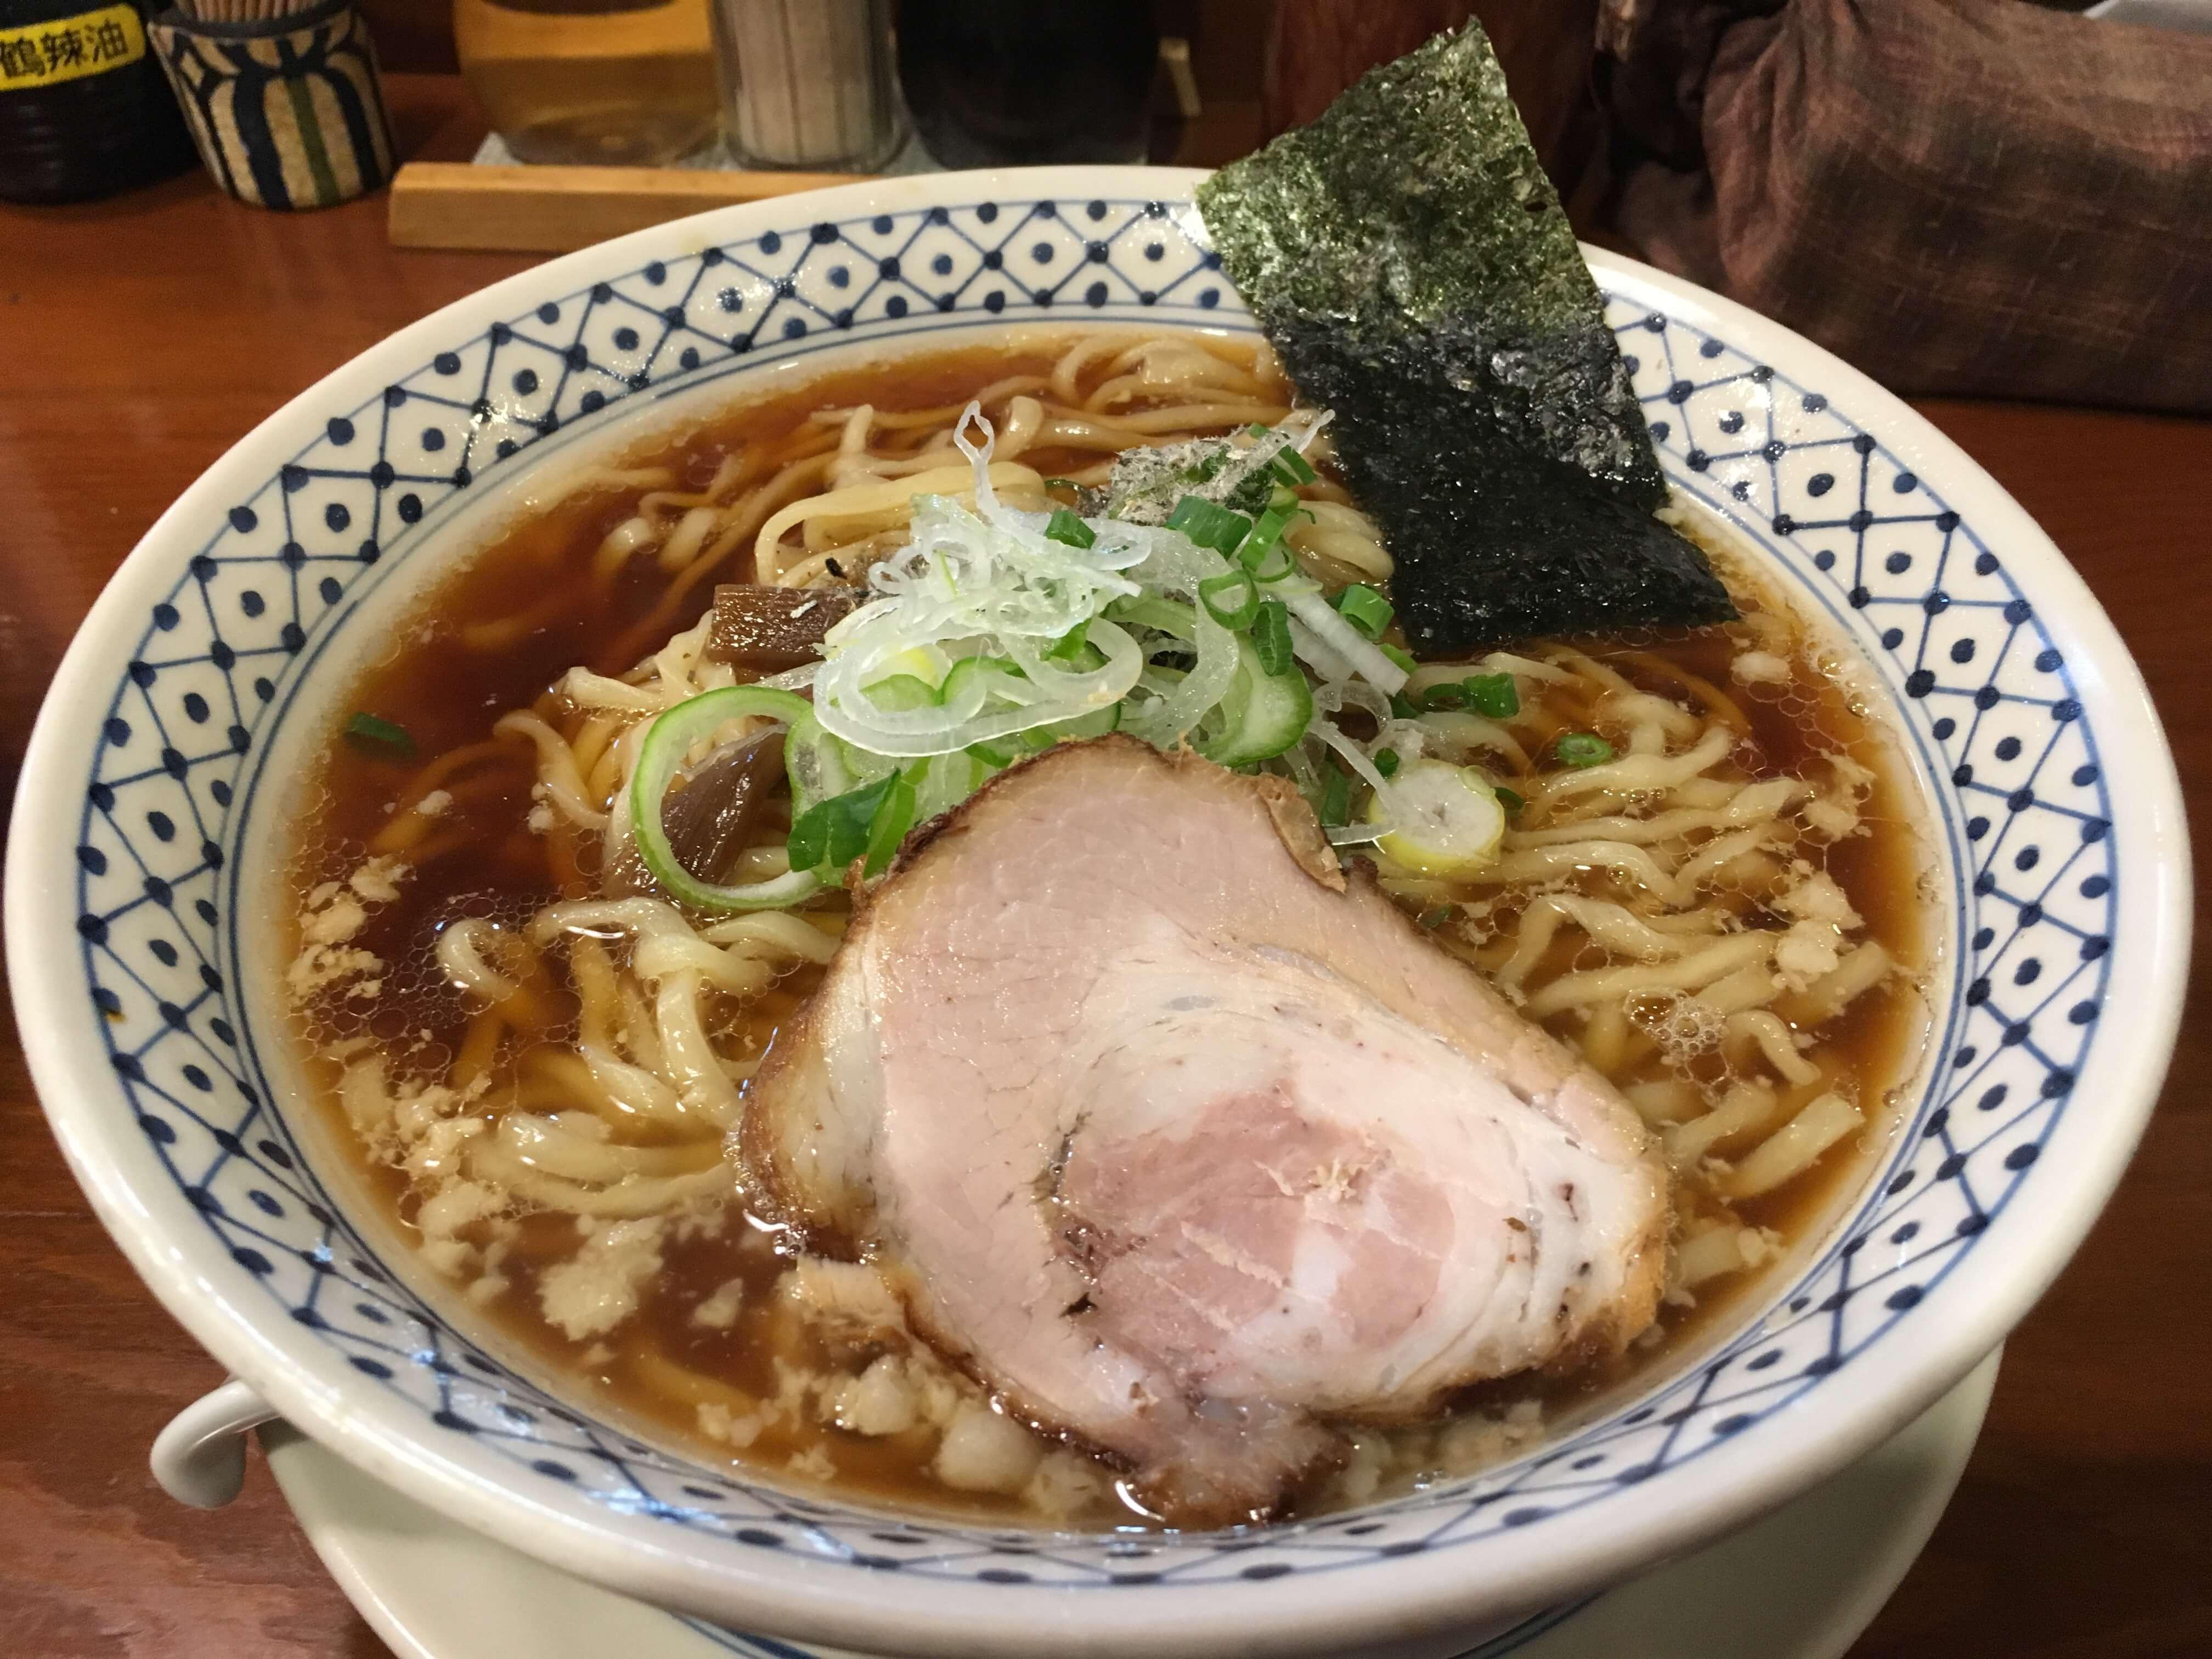 金沢工大生に愛されている、日本一にも選ばれた『ラーメン 一鶴』に行ってきた